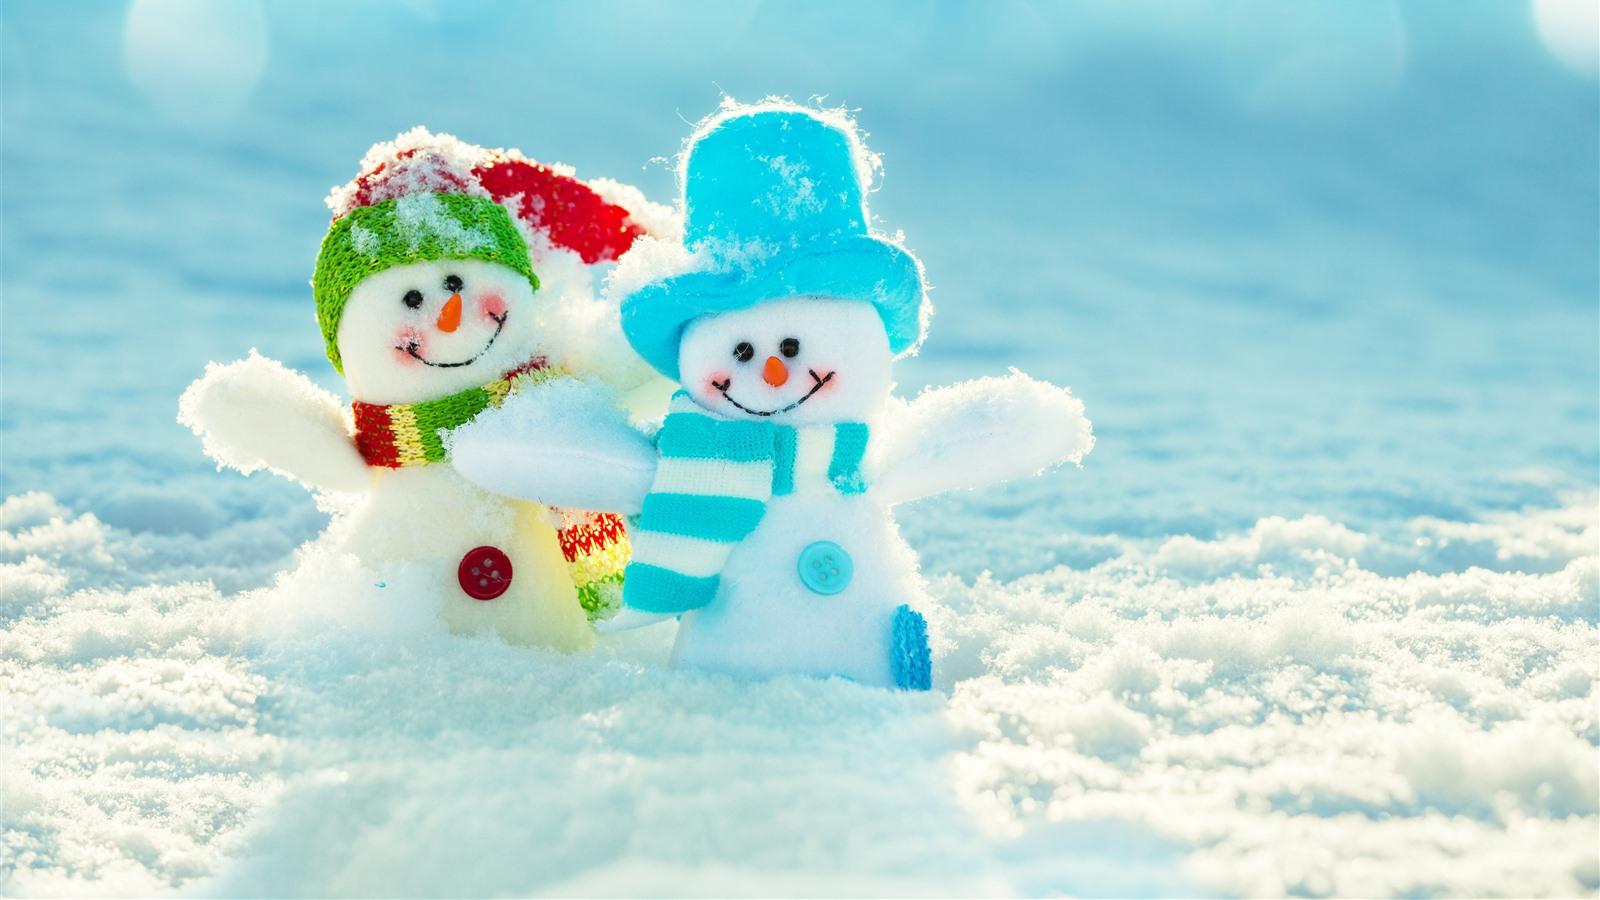 壁紙 2つの雪だるま おもちゃ 雪 冬 51x Uhd 5k 無料のデスクトップの背景 画像